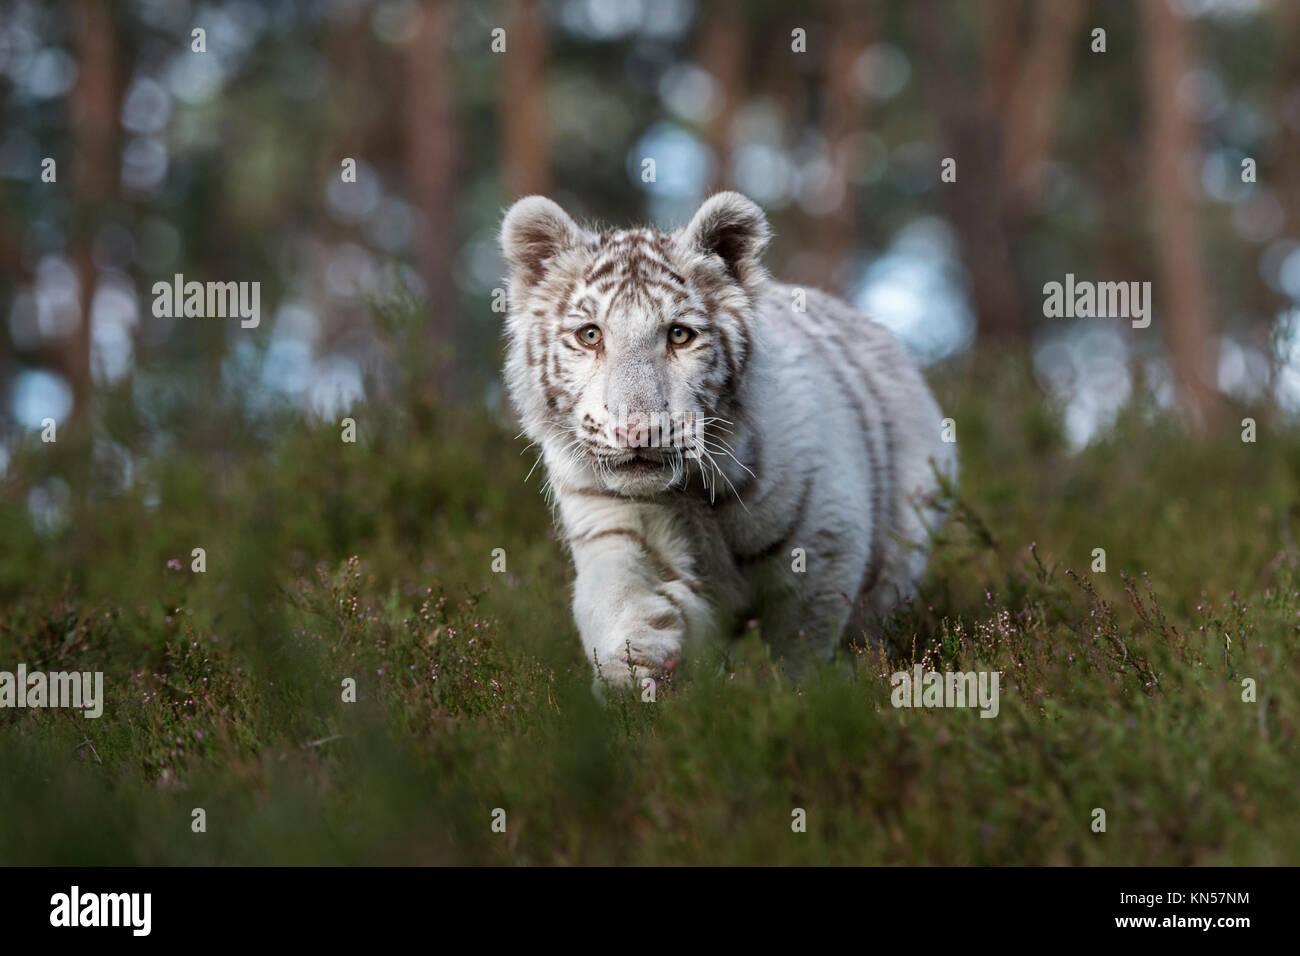 Royal Bengal Tiger ( Panthera tigris ), white animal, secretly sneaking through the undergrowth of natural woodland, - Stock Image